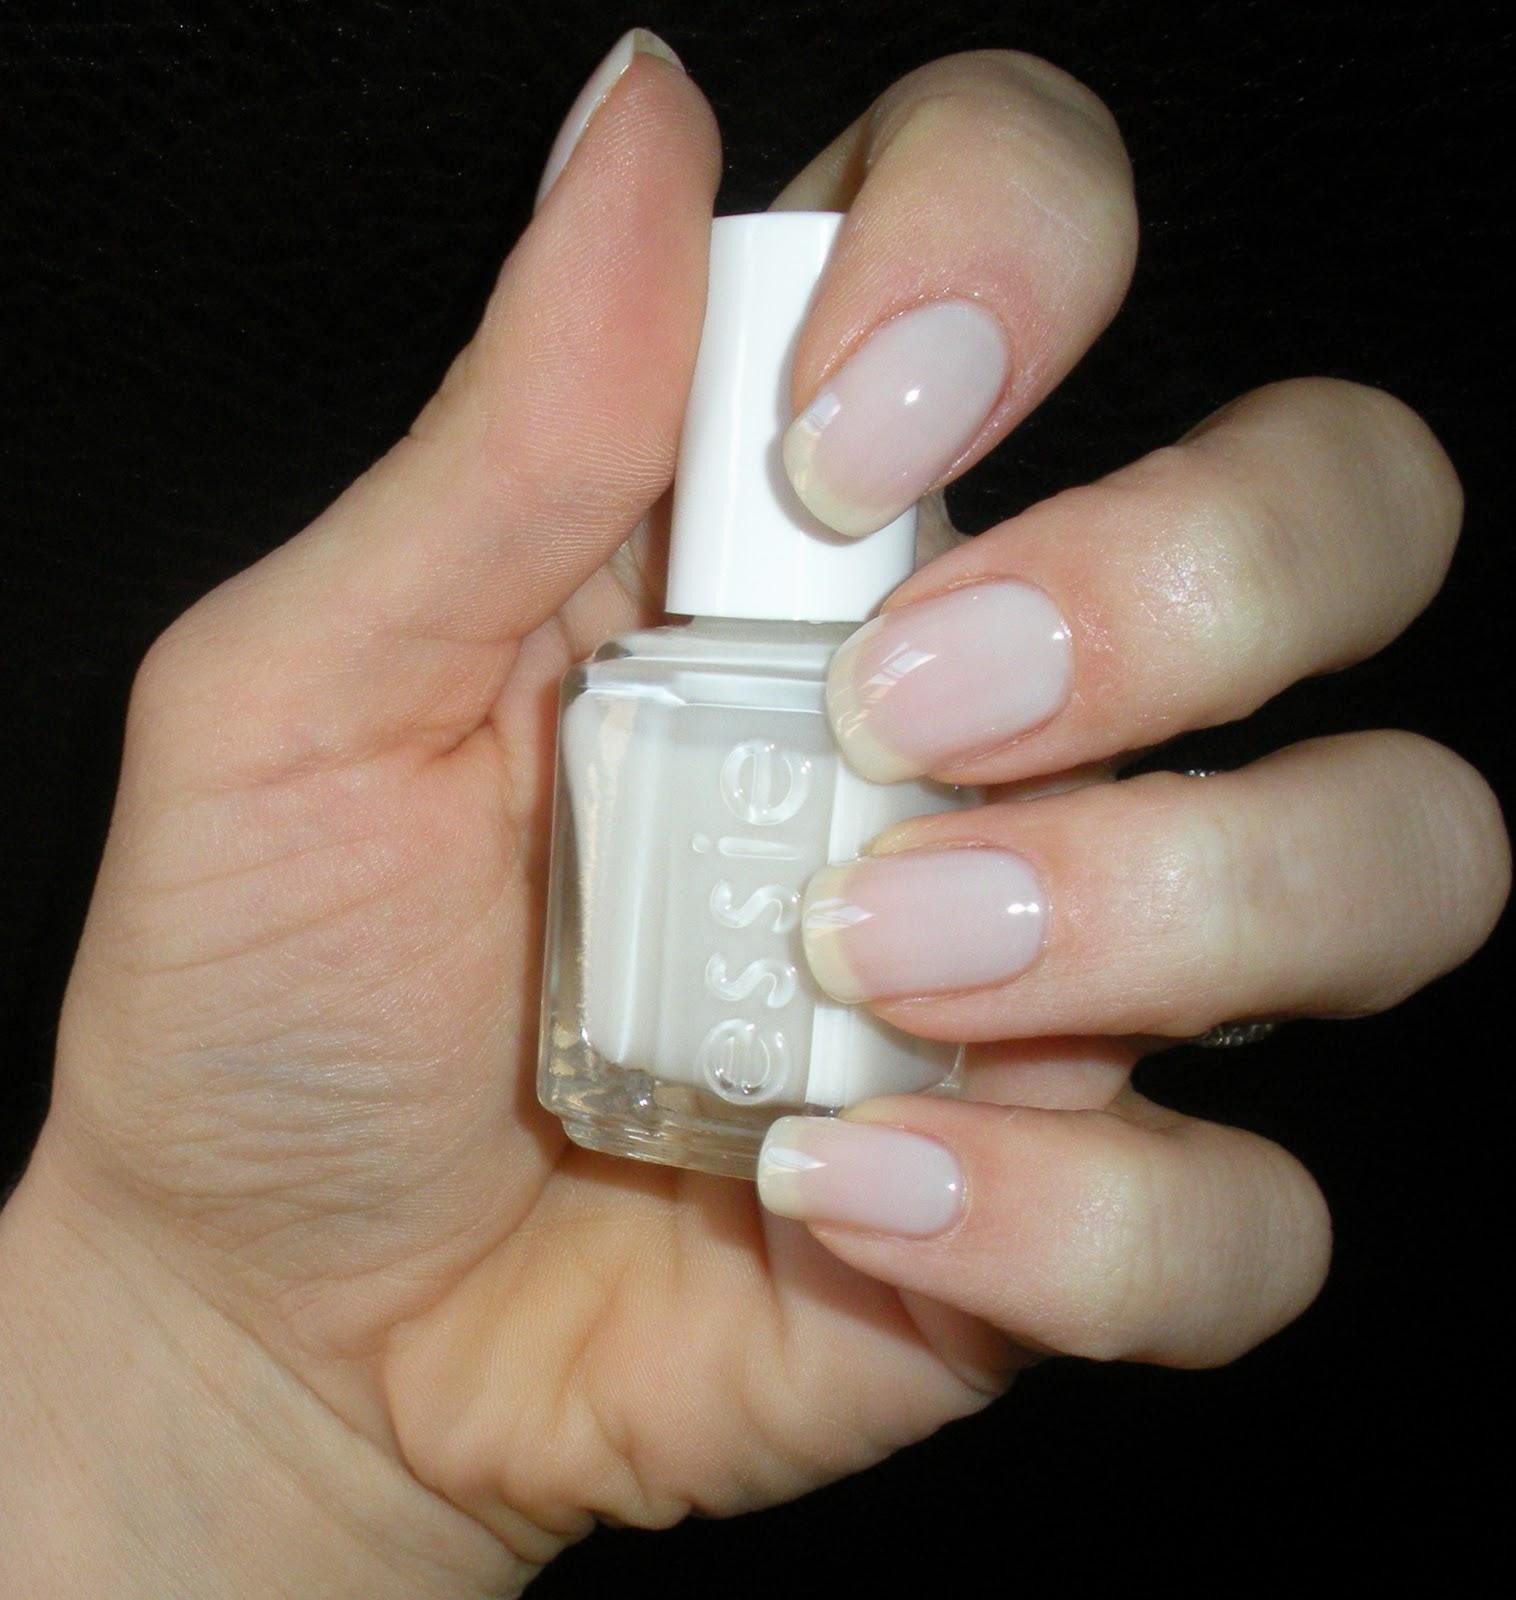 essie - Waltz - Clean Crisp Creamy White Nail Polish ...